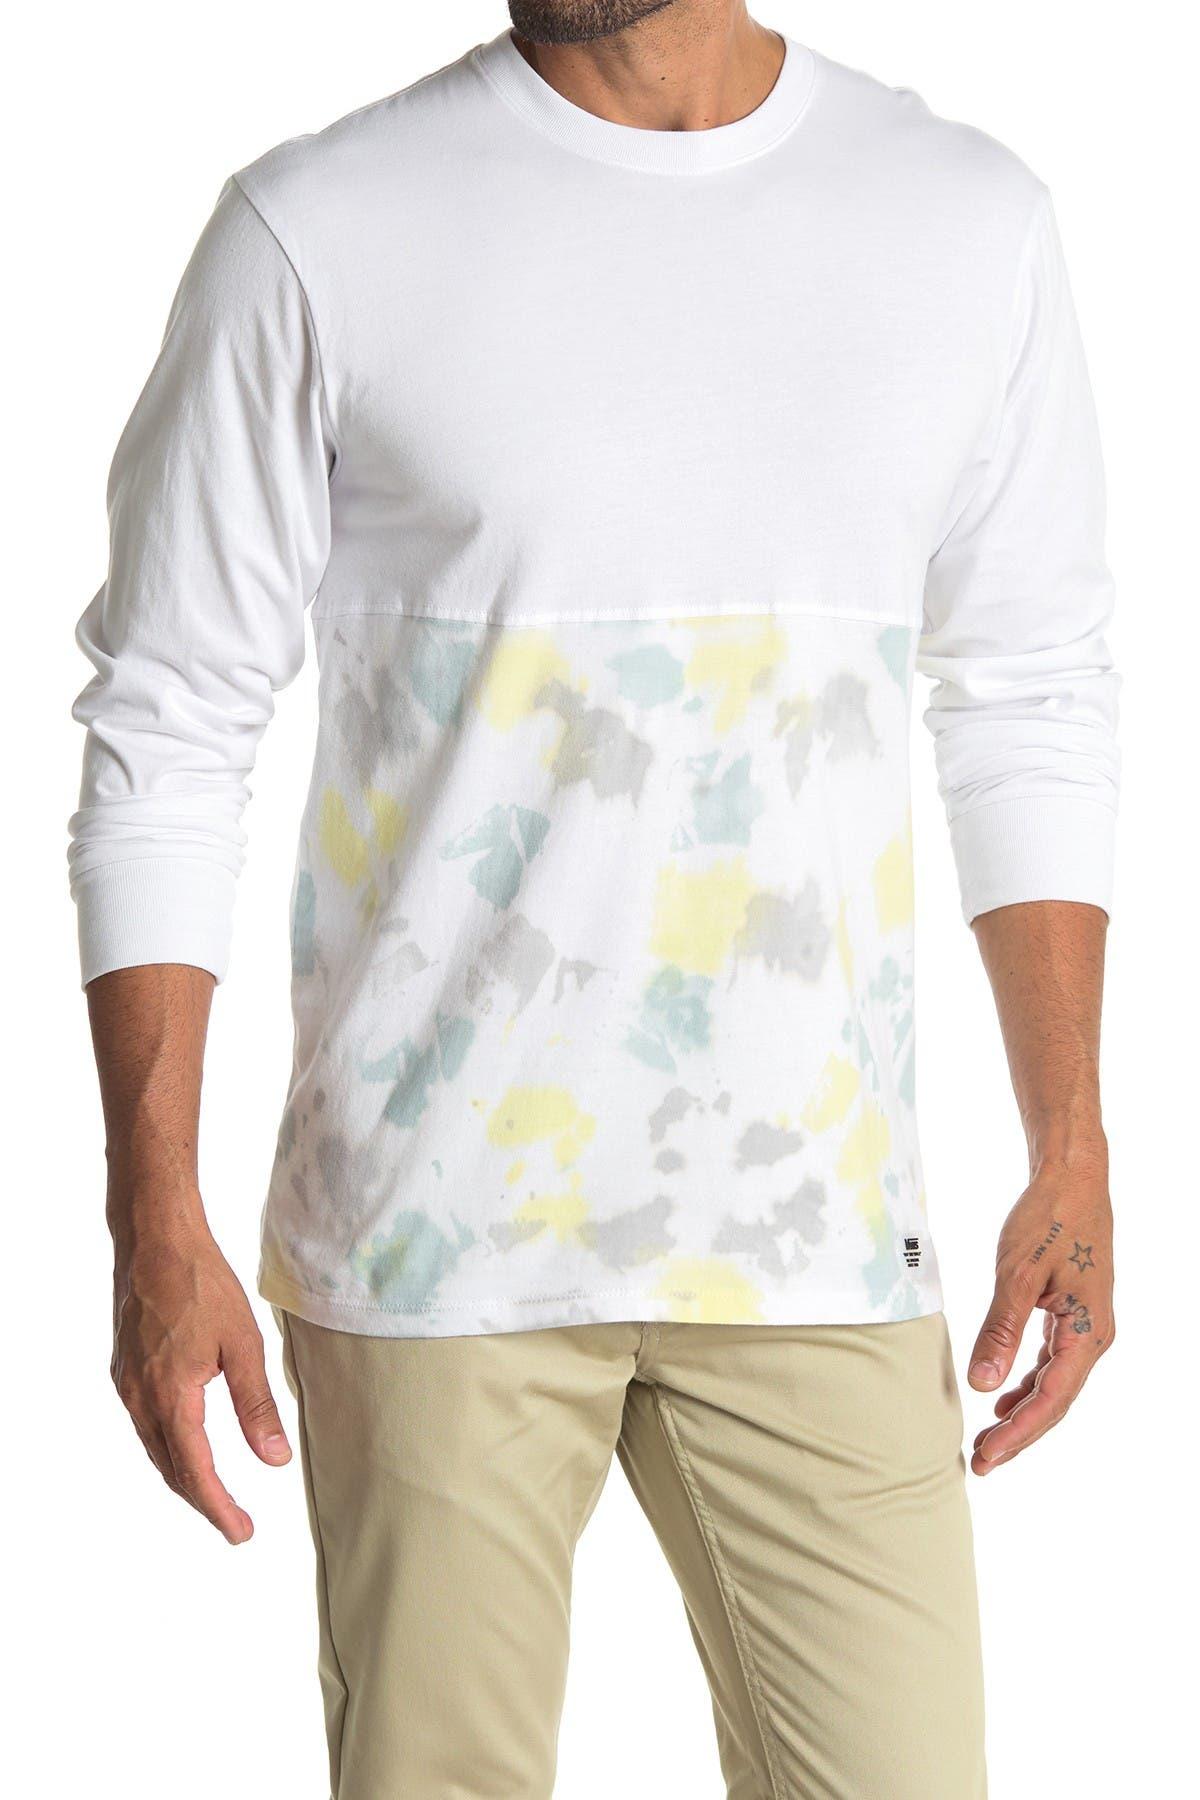 Image of VANS Elevated Long Sleeve Tie Dye T-Shirt